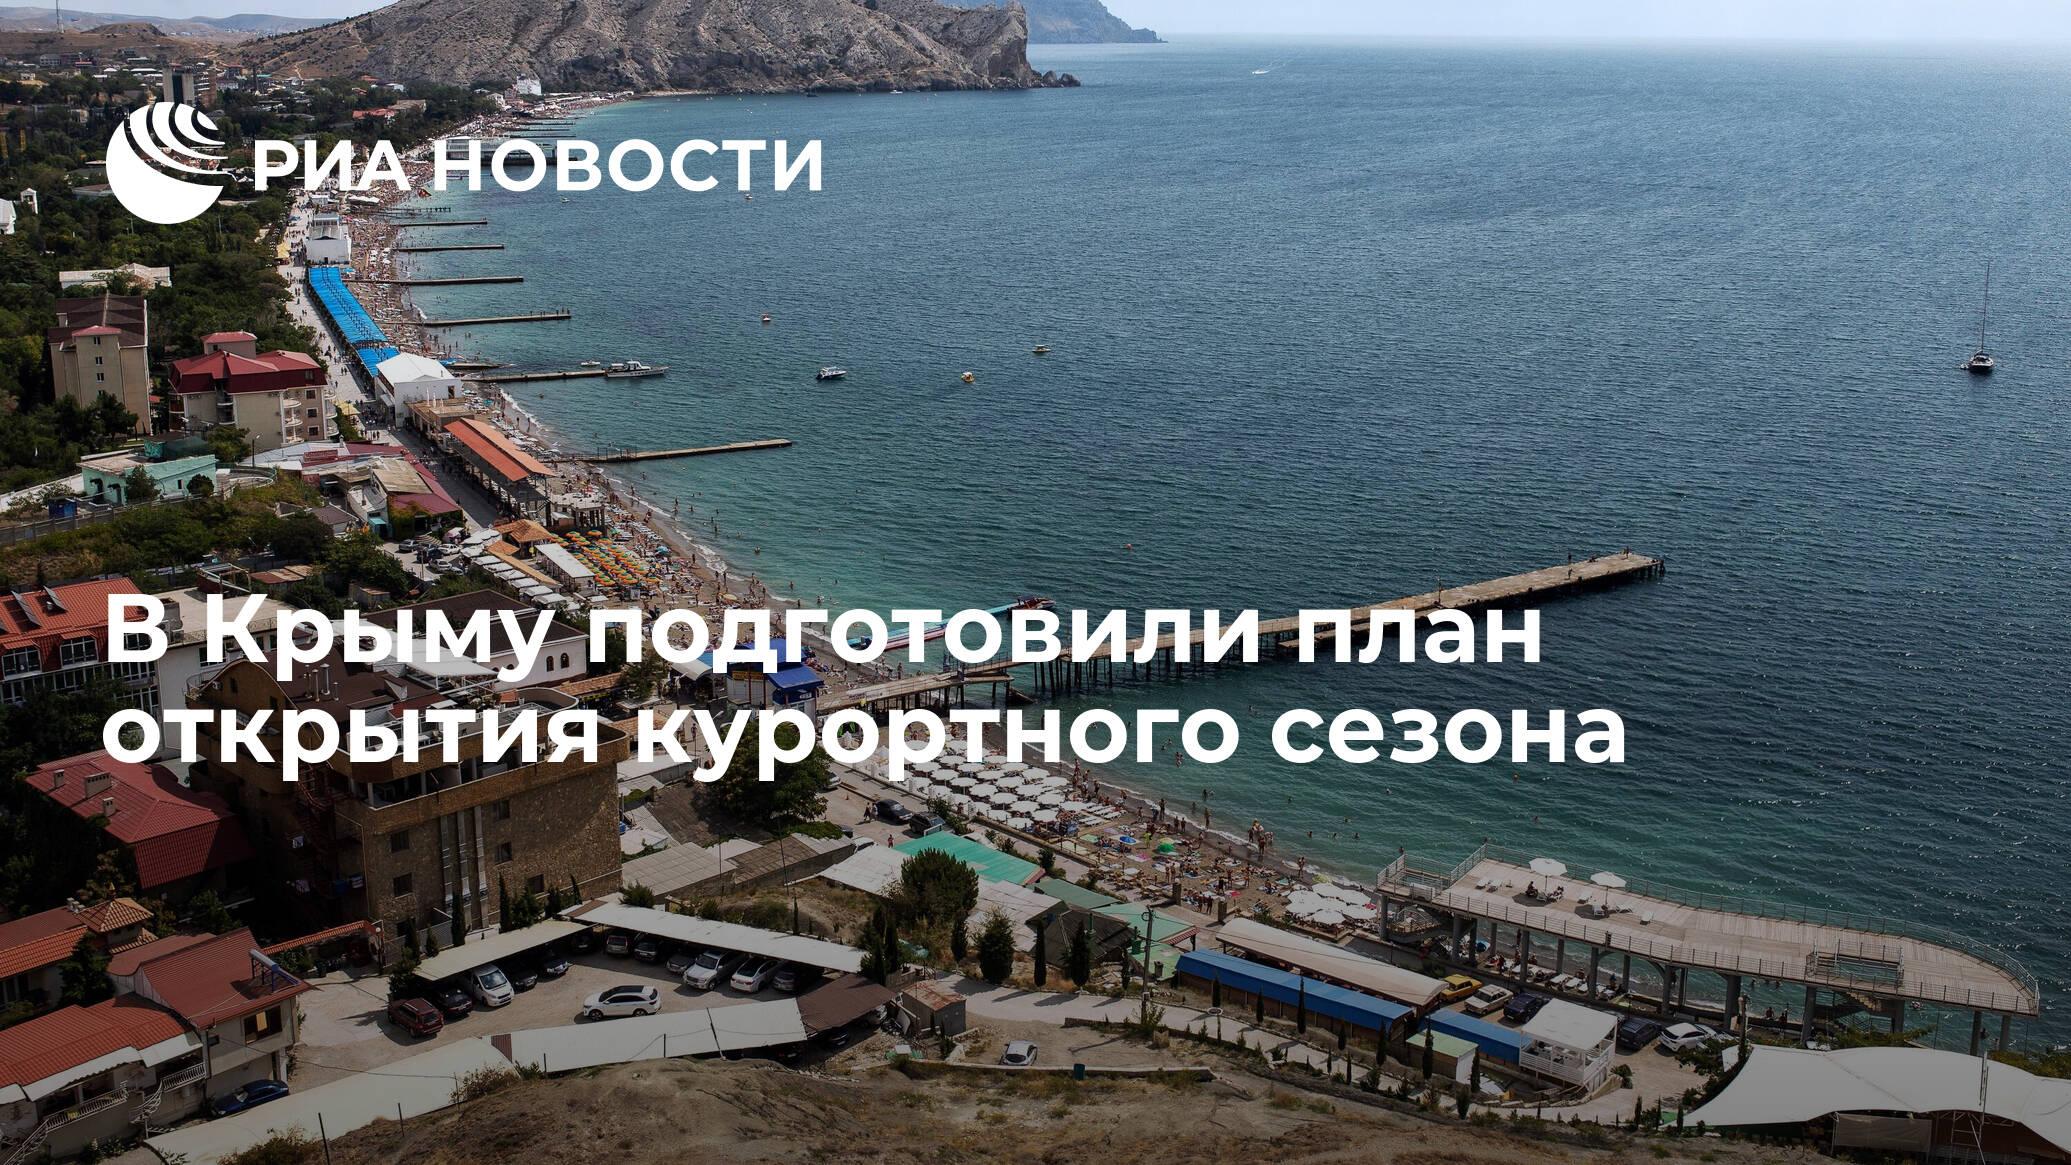 В Крыму подготовили план открытия курортного сезона